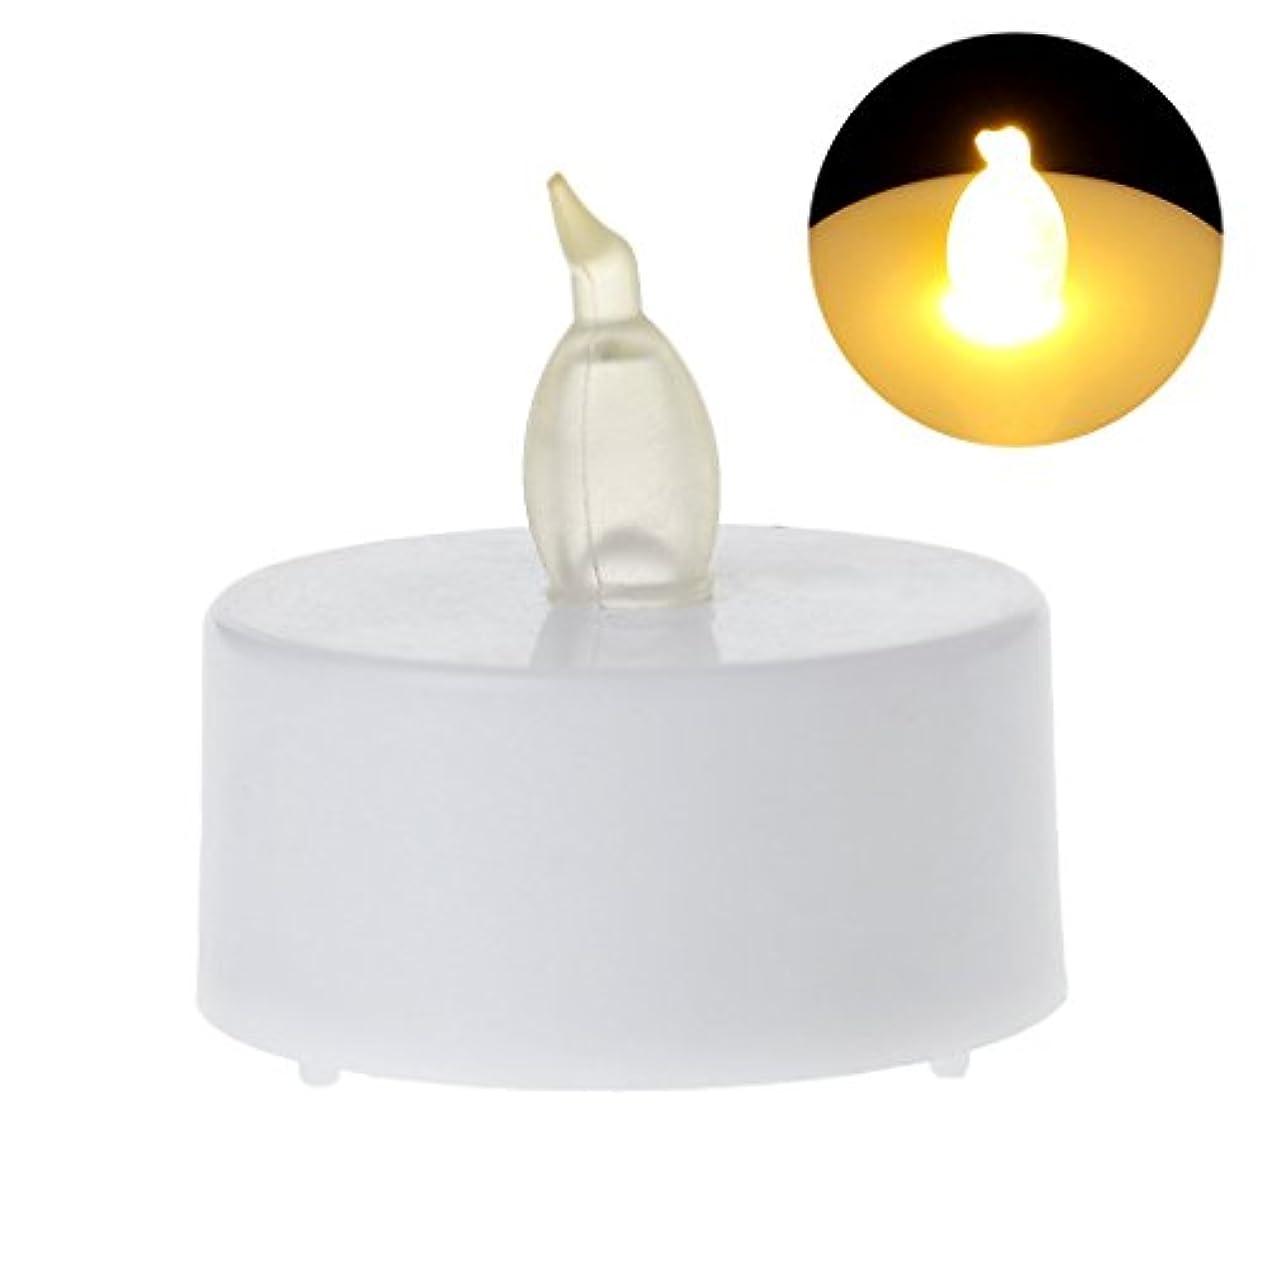 更新する素晴らしい良い多くの苦情文句SimpleLife 無炎LEDティーライトのキャンドルライト電池は、ホームウェディングパーティーのために運営